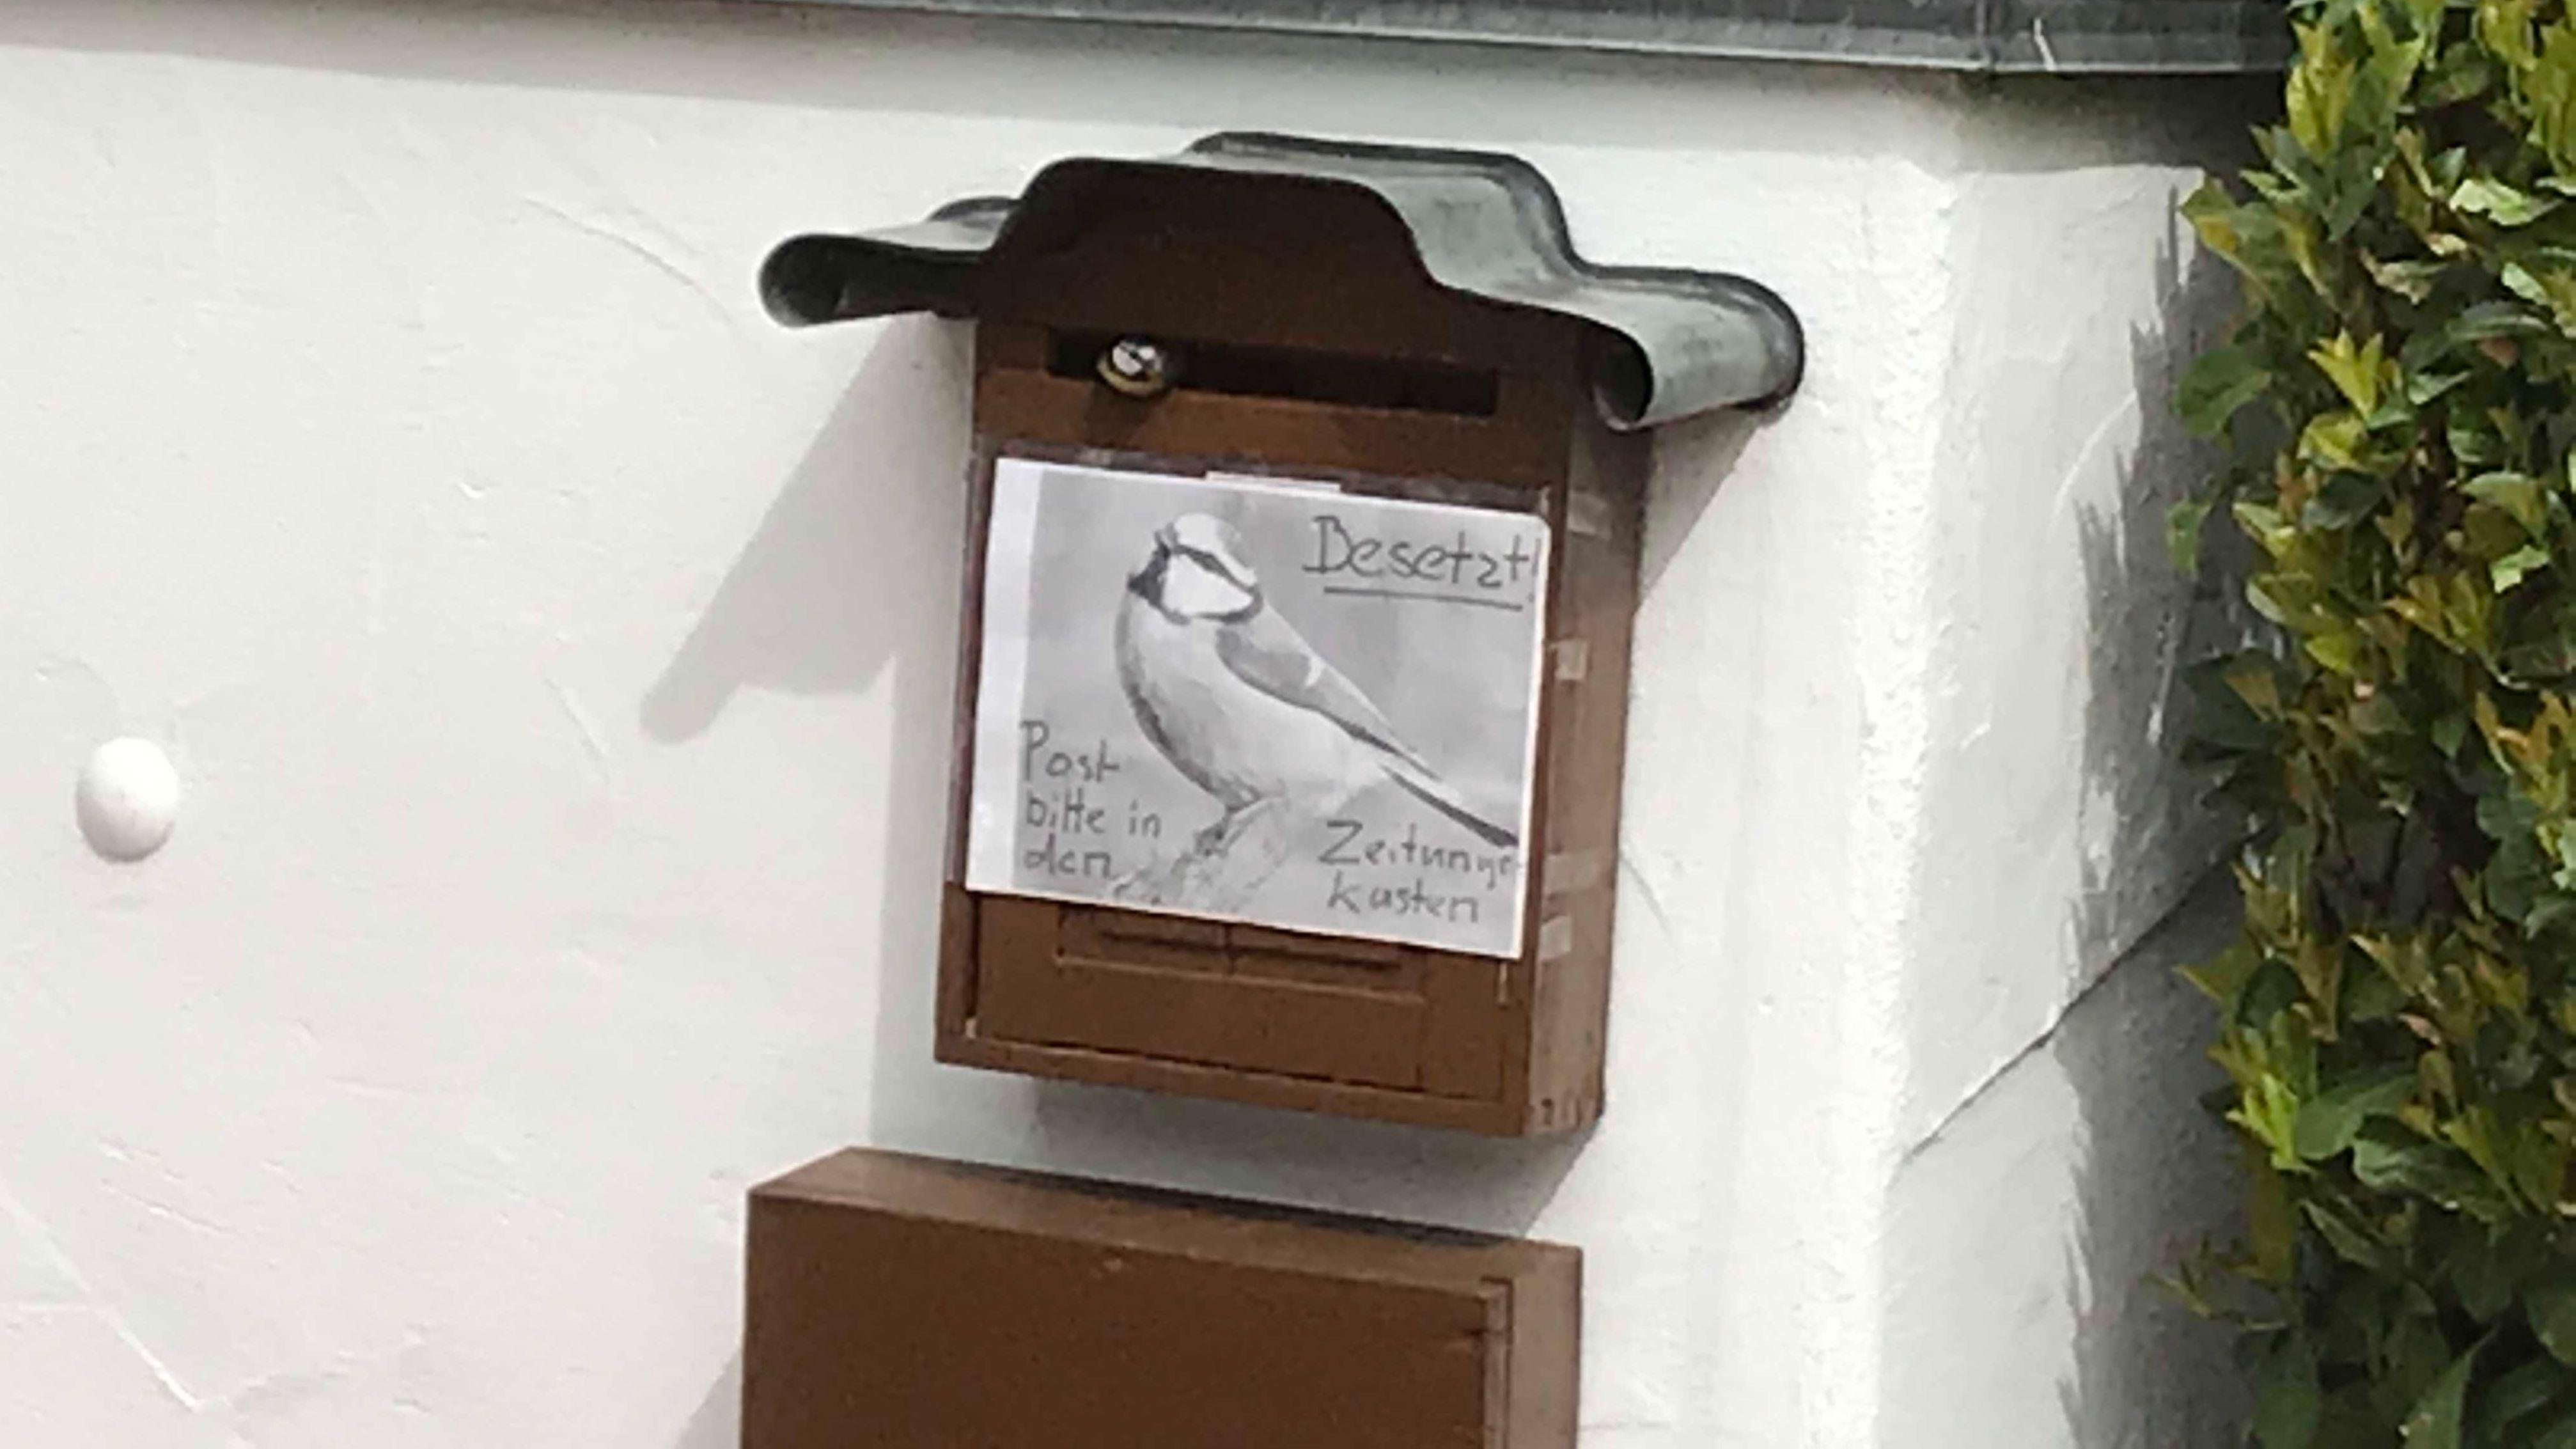 Hinweis am Briefkasten